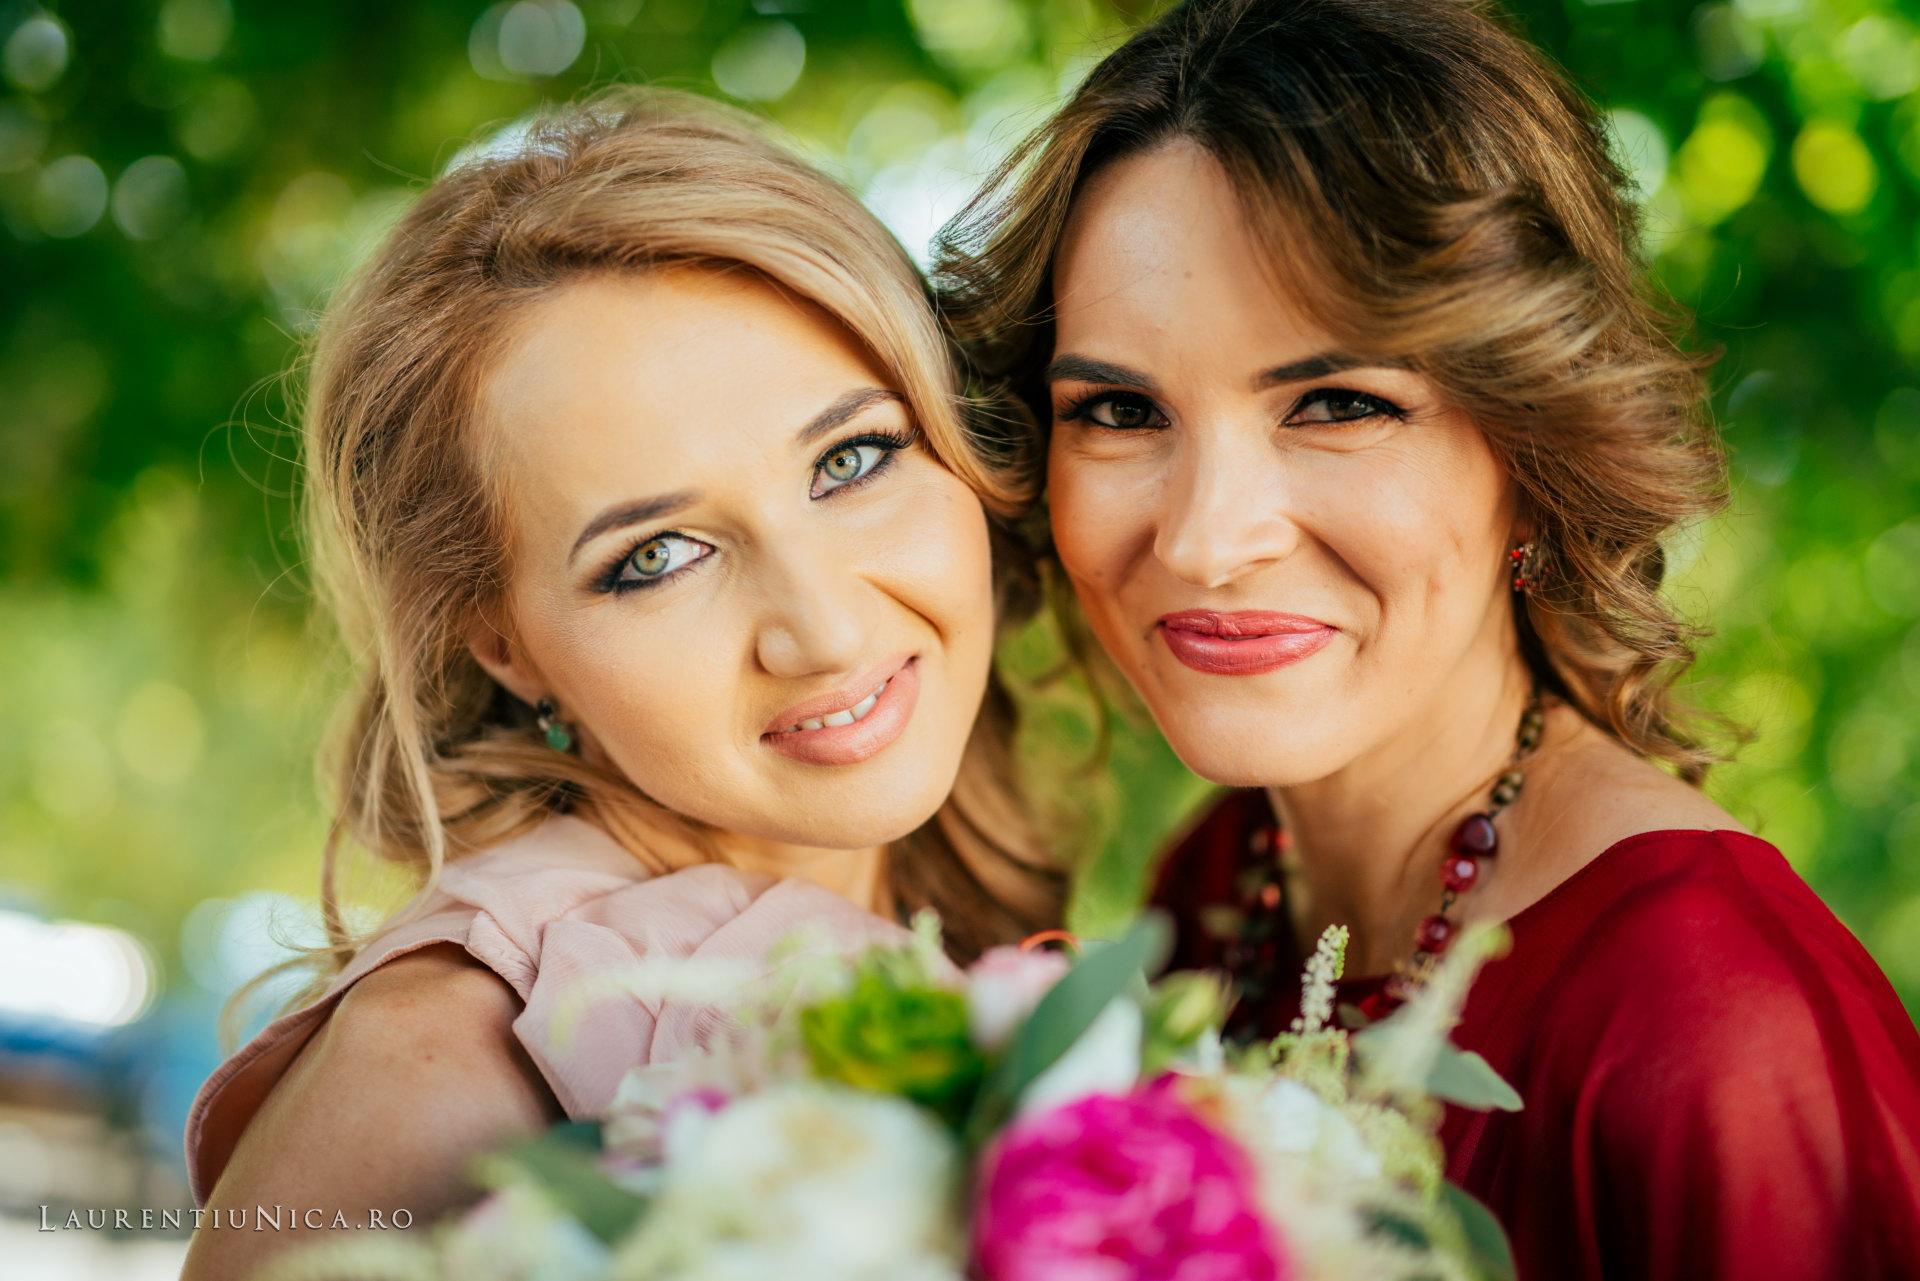 alina si razvan craiova fotograf nunta laurentiu nica10 - Alina & Razvan | Fotografii nunta